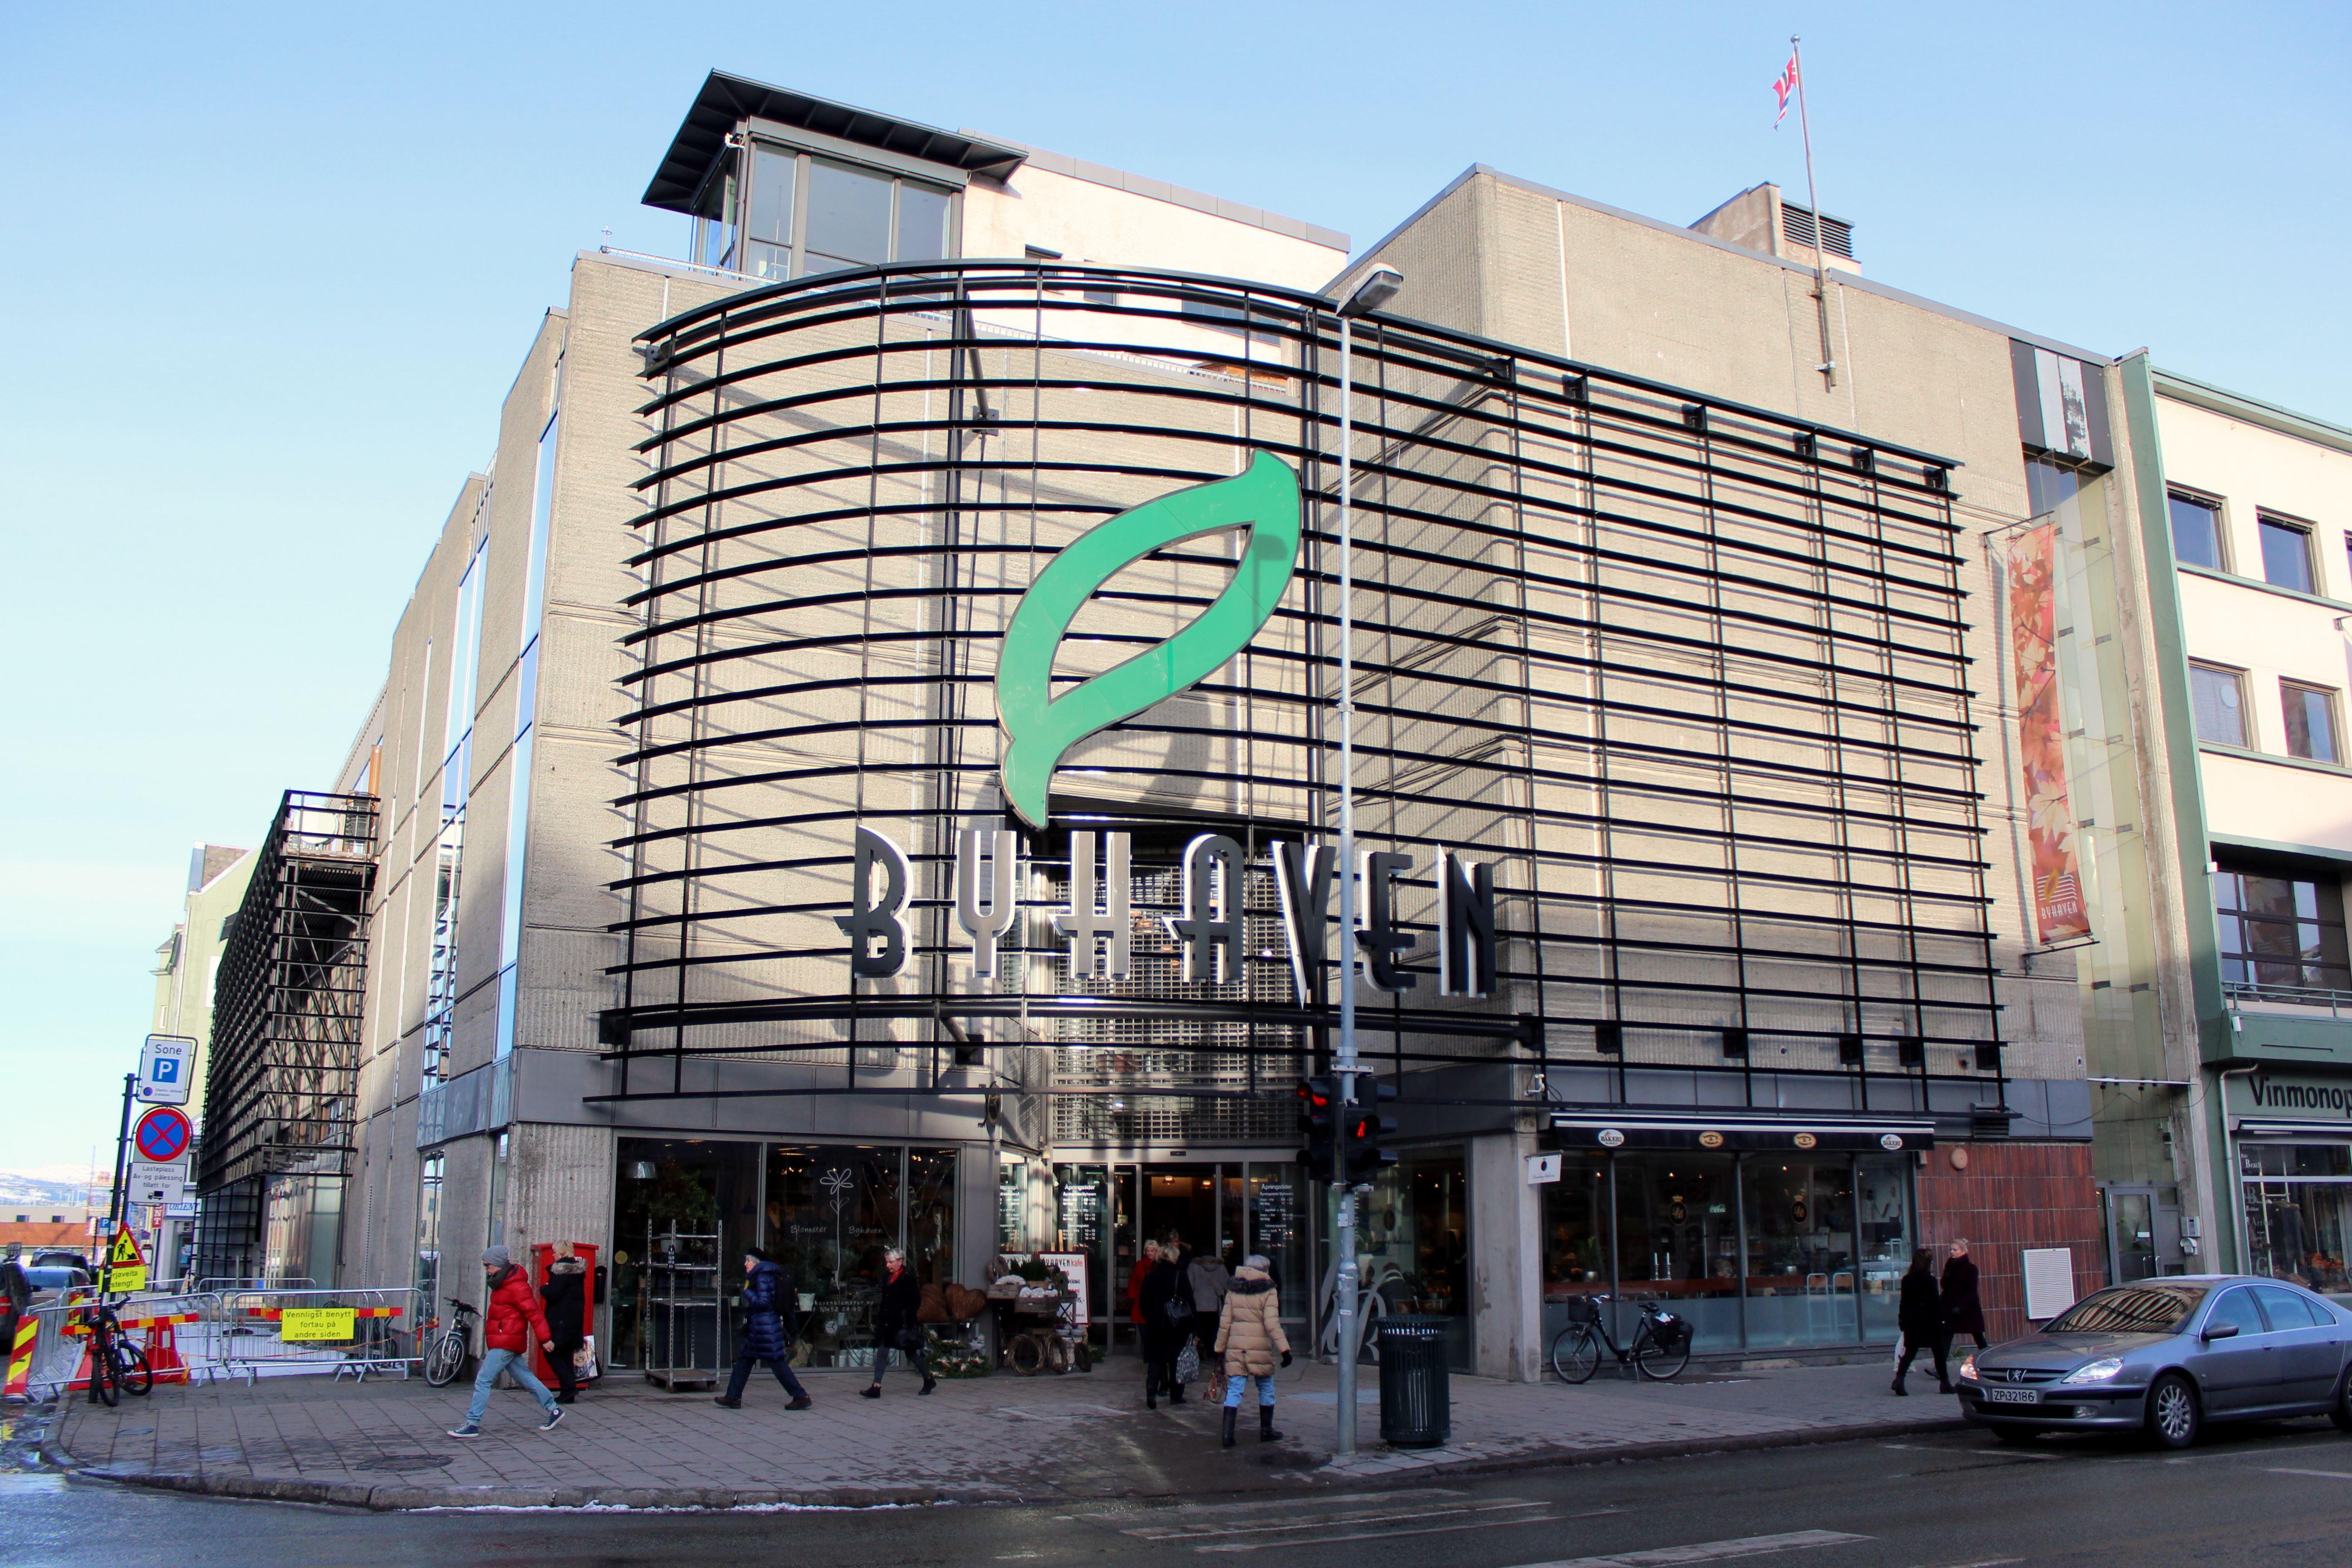 Visit Trondheim/Øyvind Blomstereng, Byhaven Shopping Centre